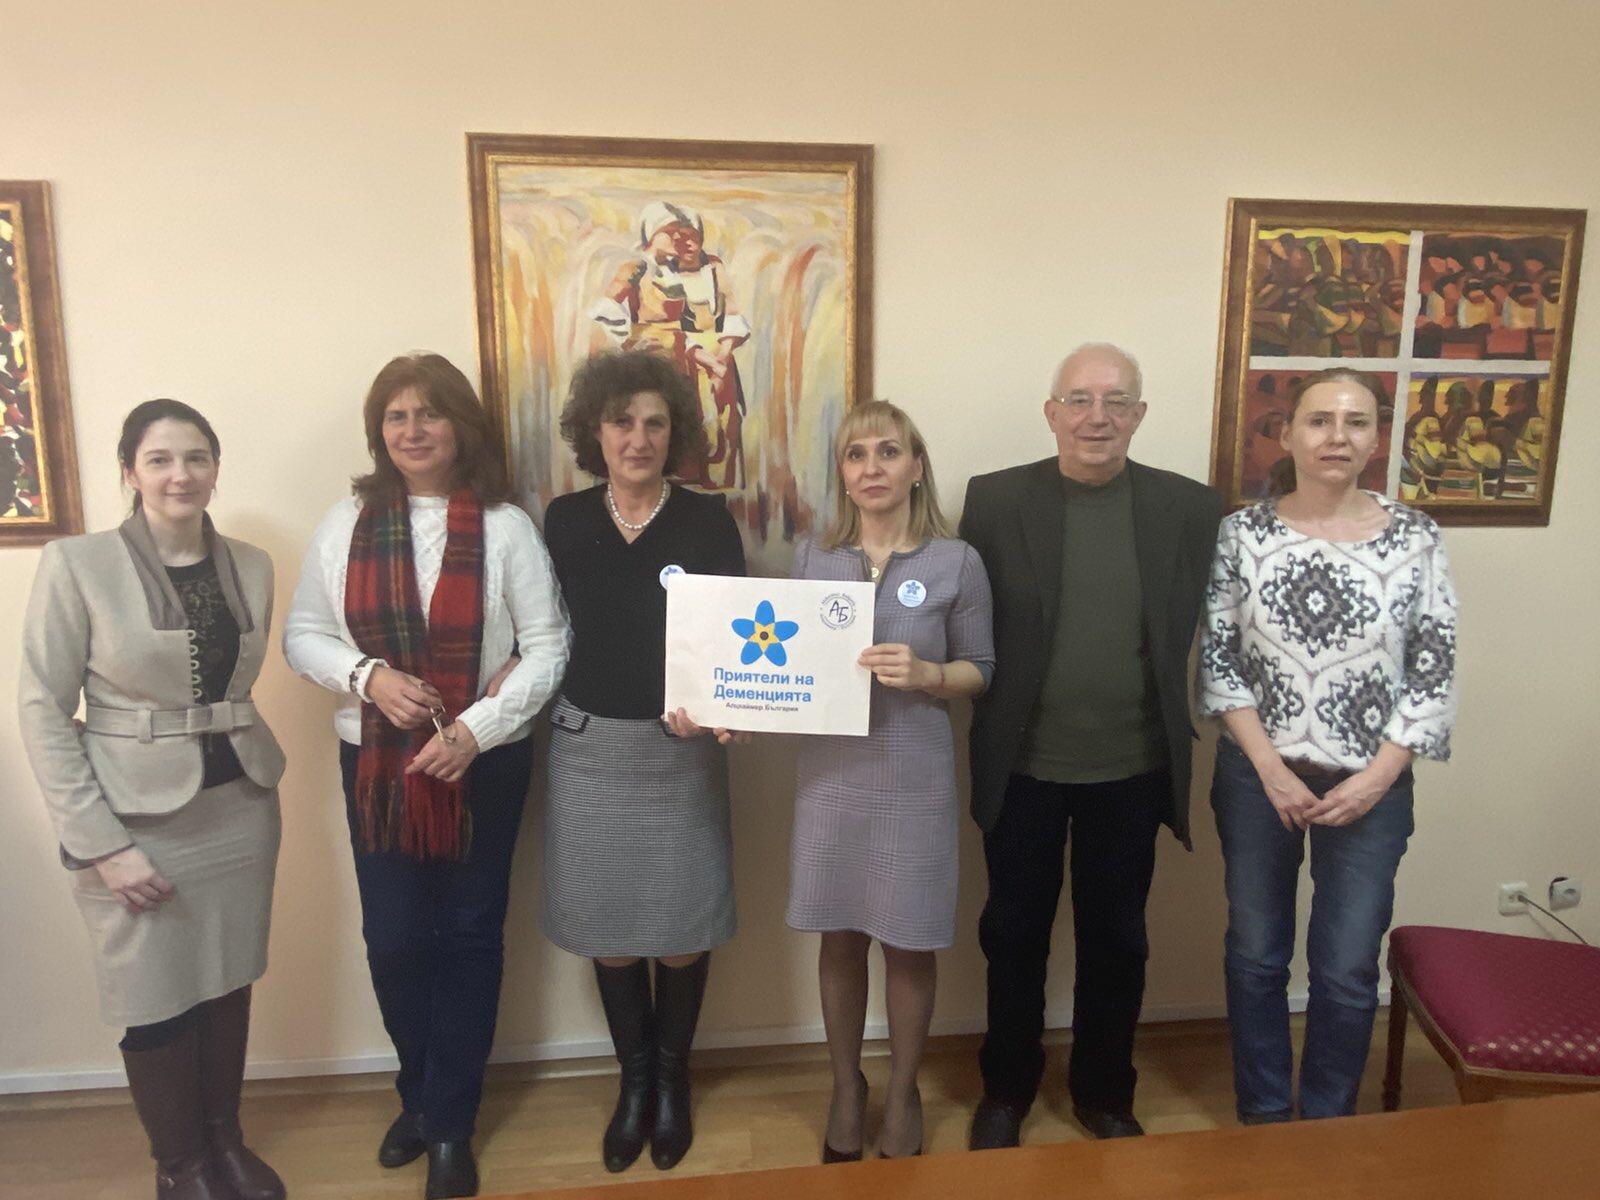 Сдружение Алцхаймер България и доц. д-р Диана Ковачева